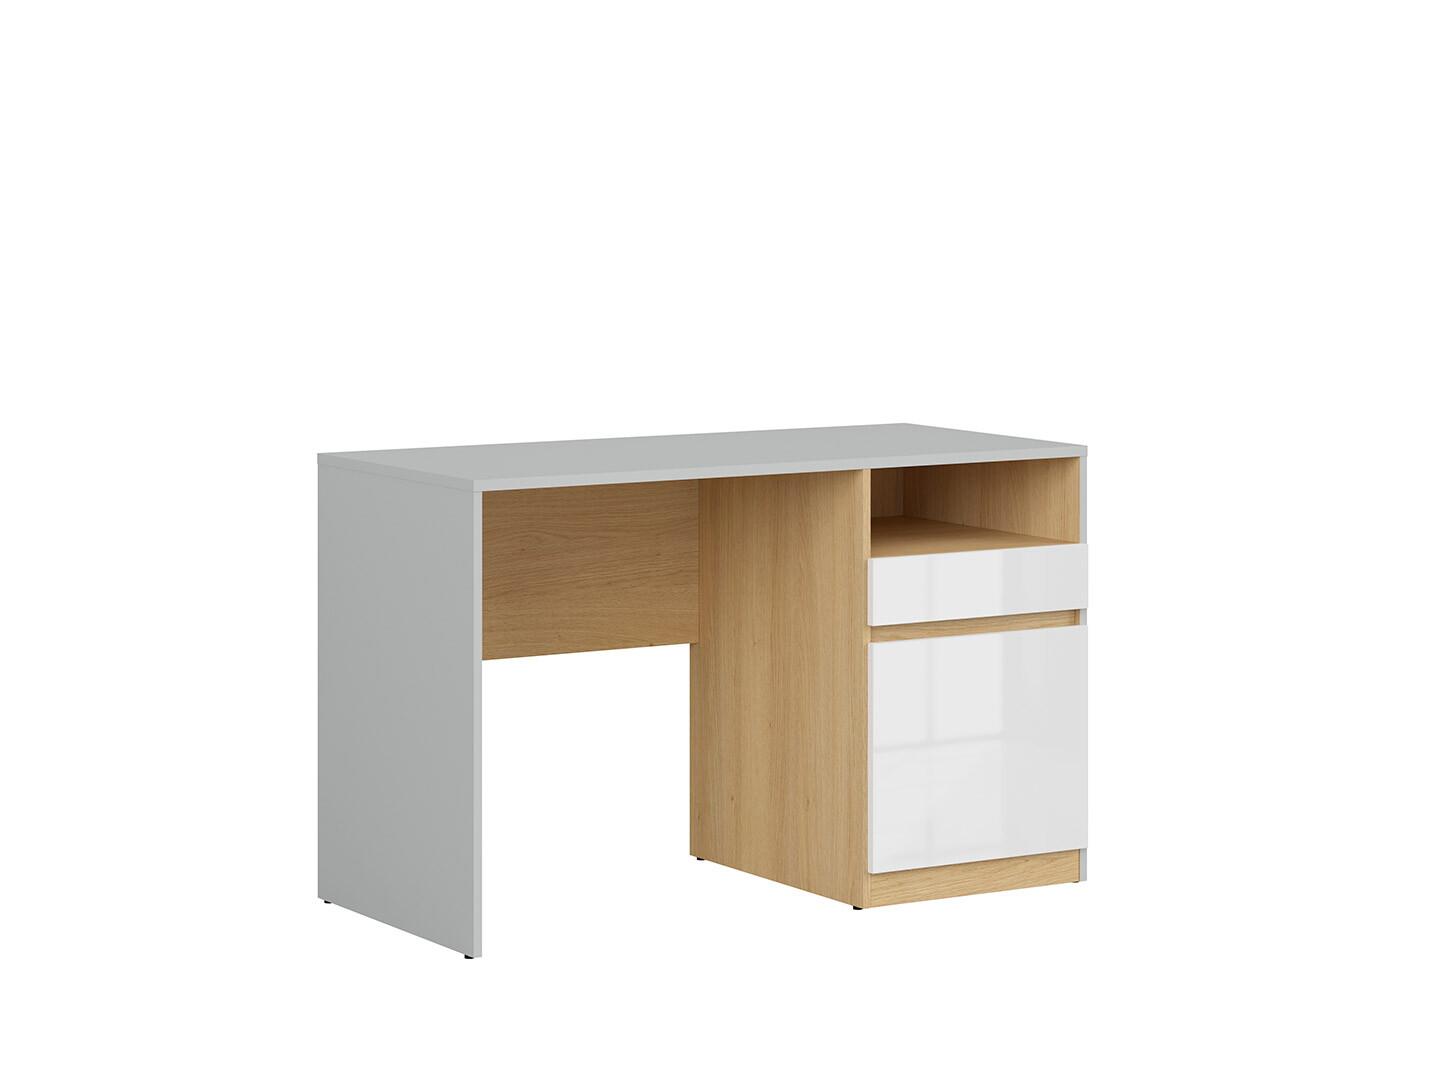 Písací stôl NANDU BIU1D1S svetlosivá/ dub poľský/ biely lesk